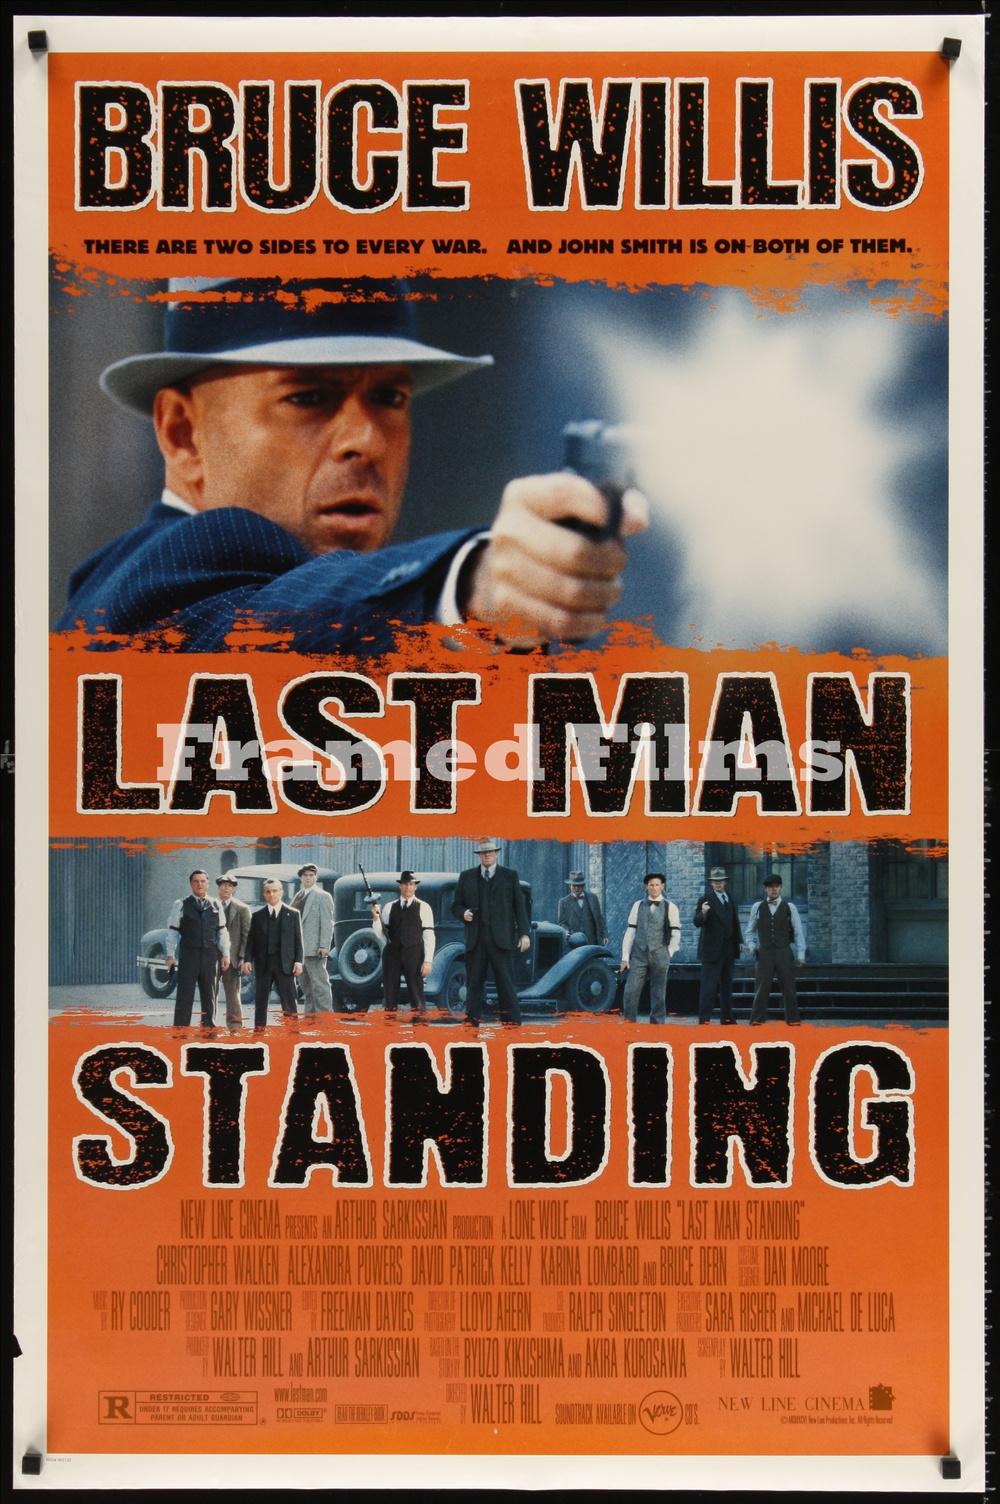 last_man_standing_NZ04252_L.jpg